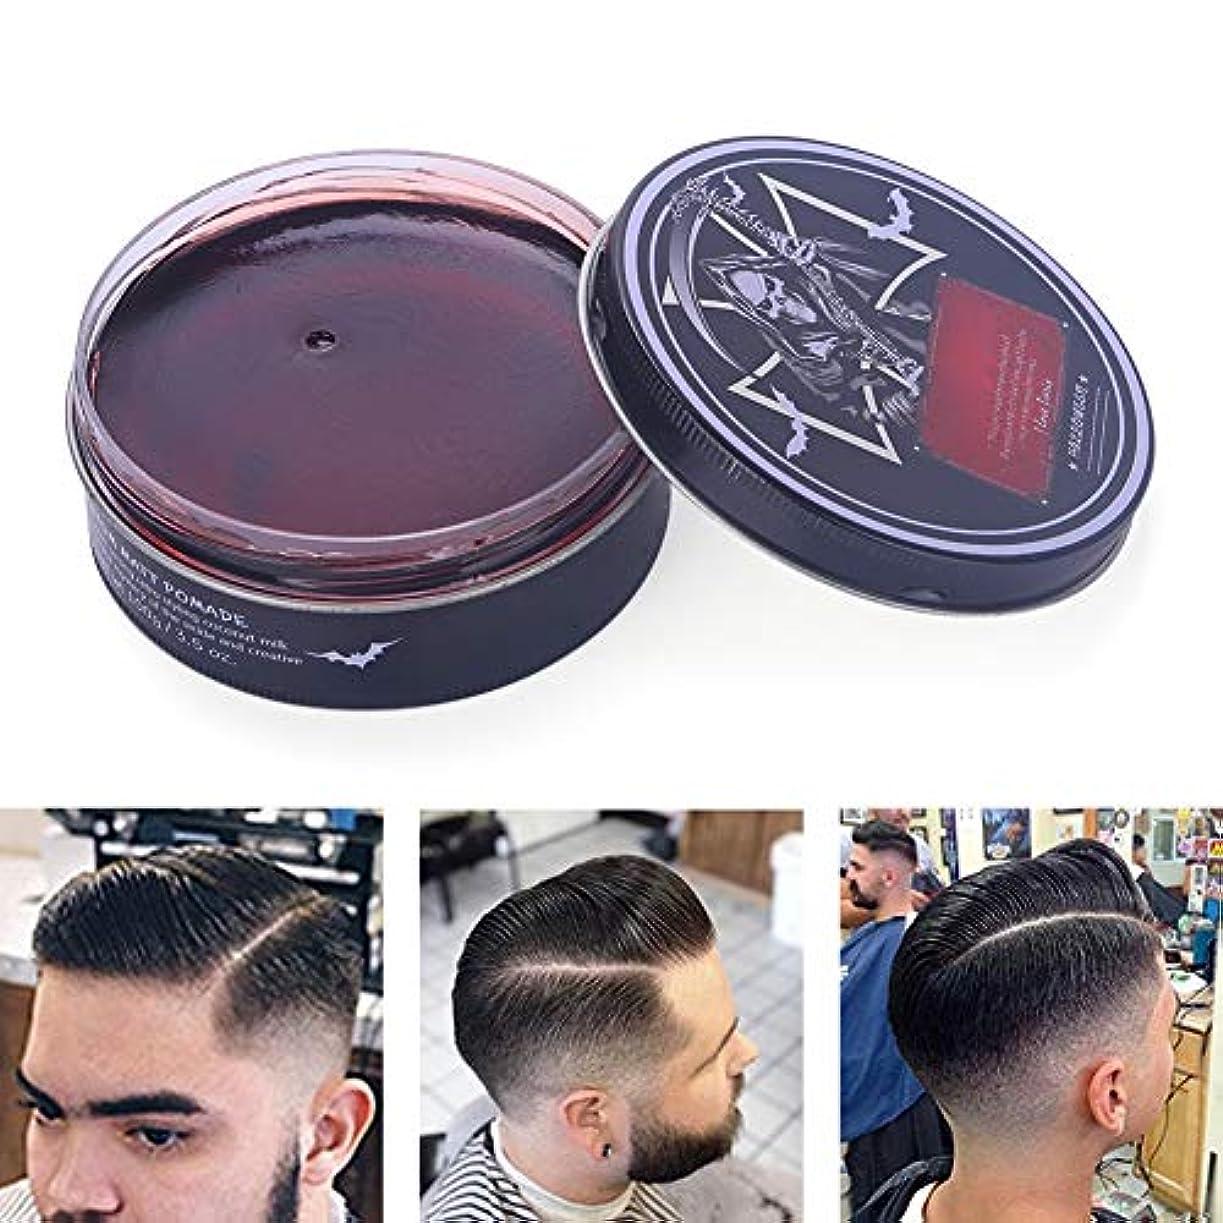 宇宙飛行士貧困すり減るプロのヘアスタイリング100ミリリットルを設計するための男性のためのヘアスタイリングワックス、ナチュラルおよび有機成分ヘアスタイリング粘土